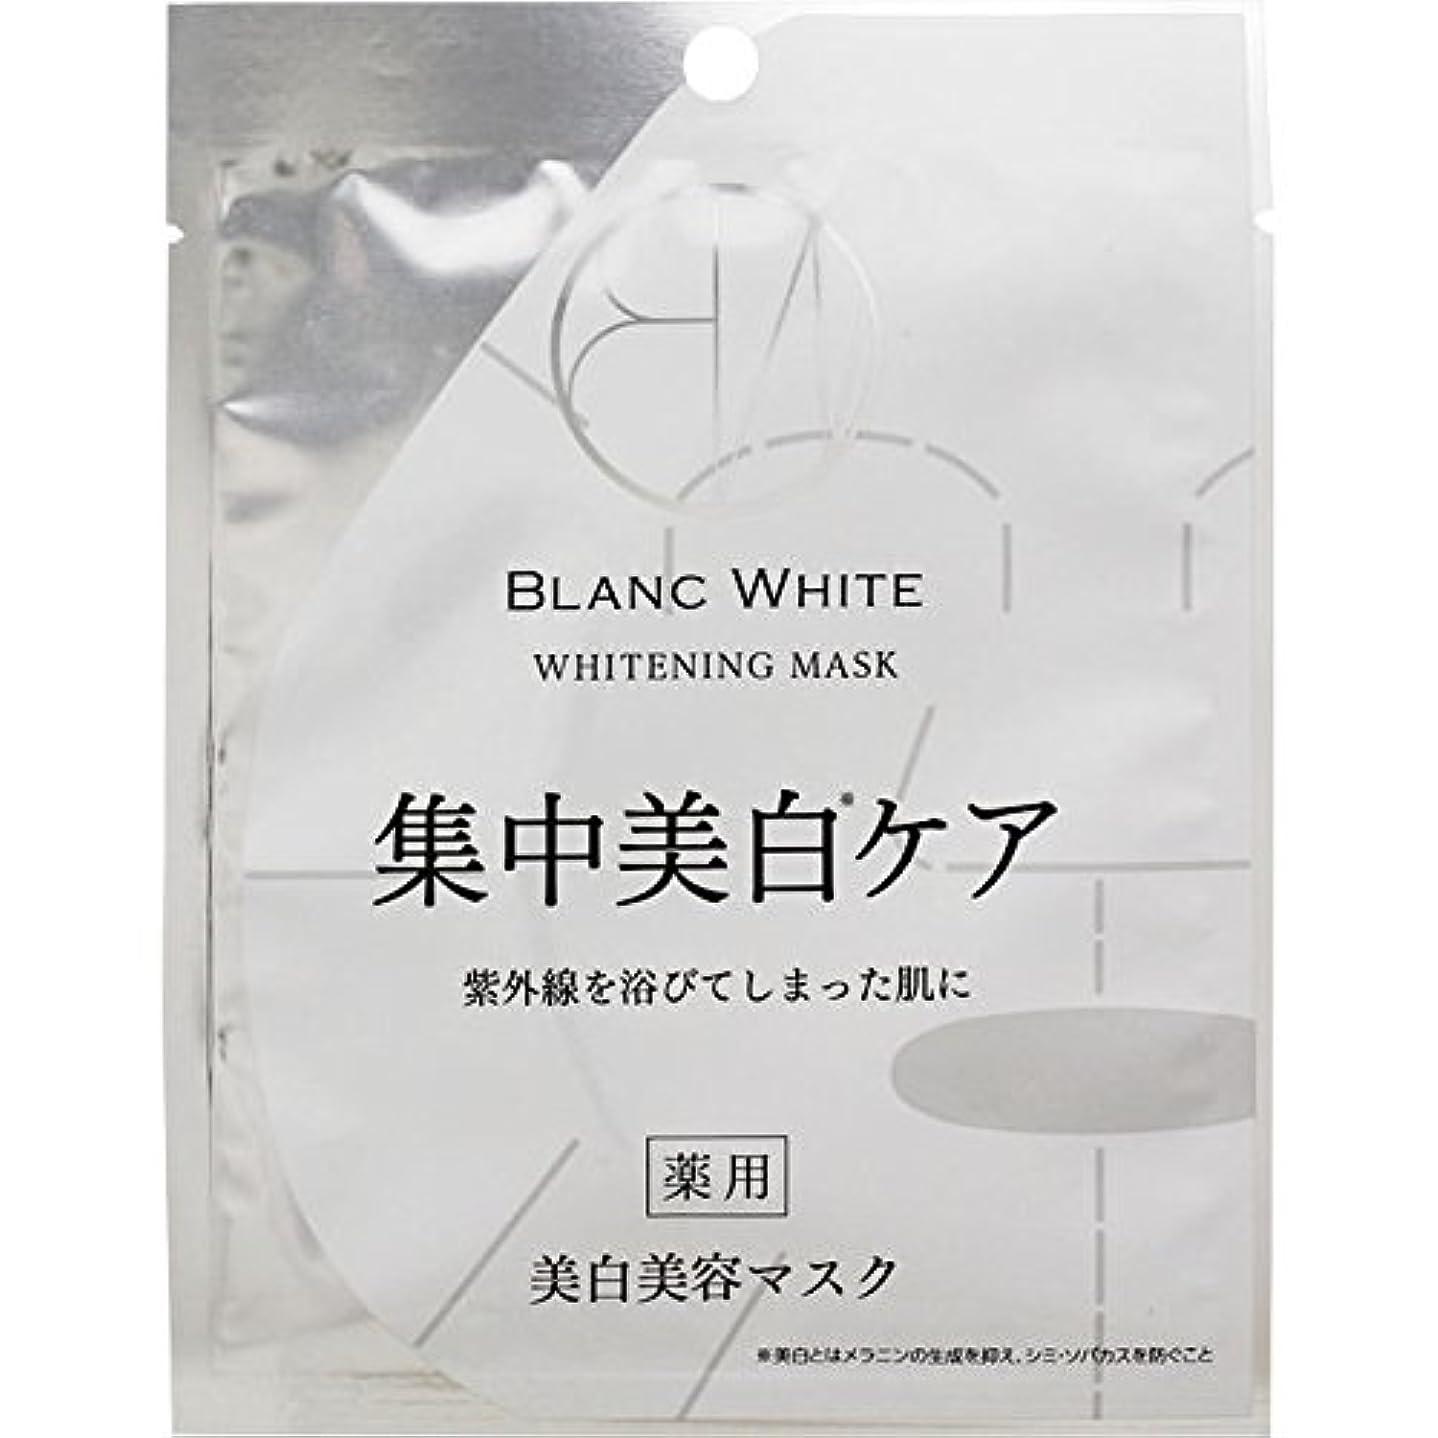 郵便屋さんシビック存在するブランホワイト ホワイトニングマスク 1枚【21ml】 (医薬部外品)